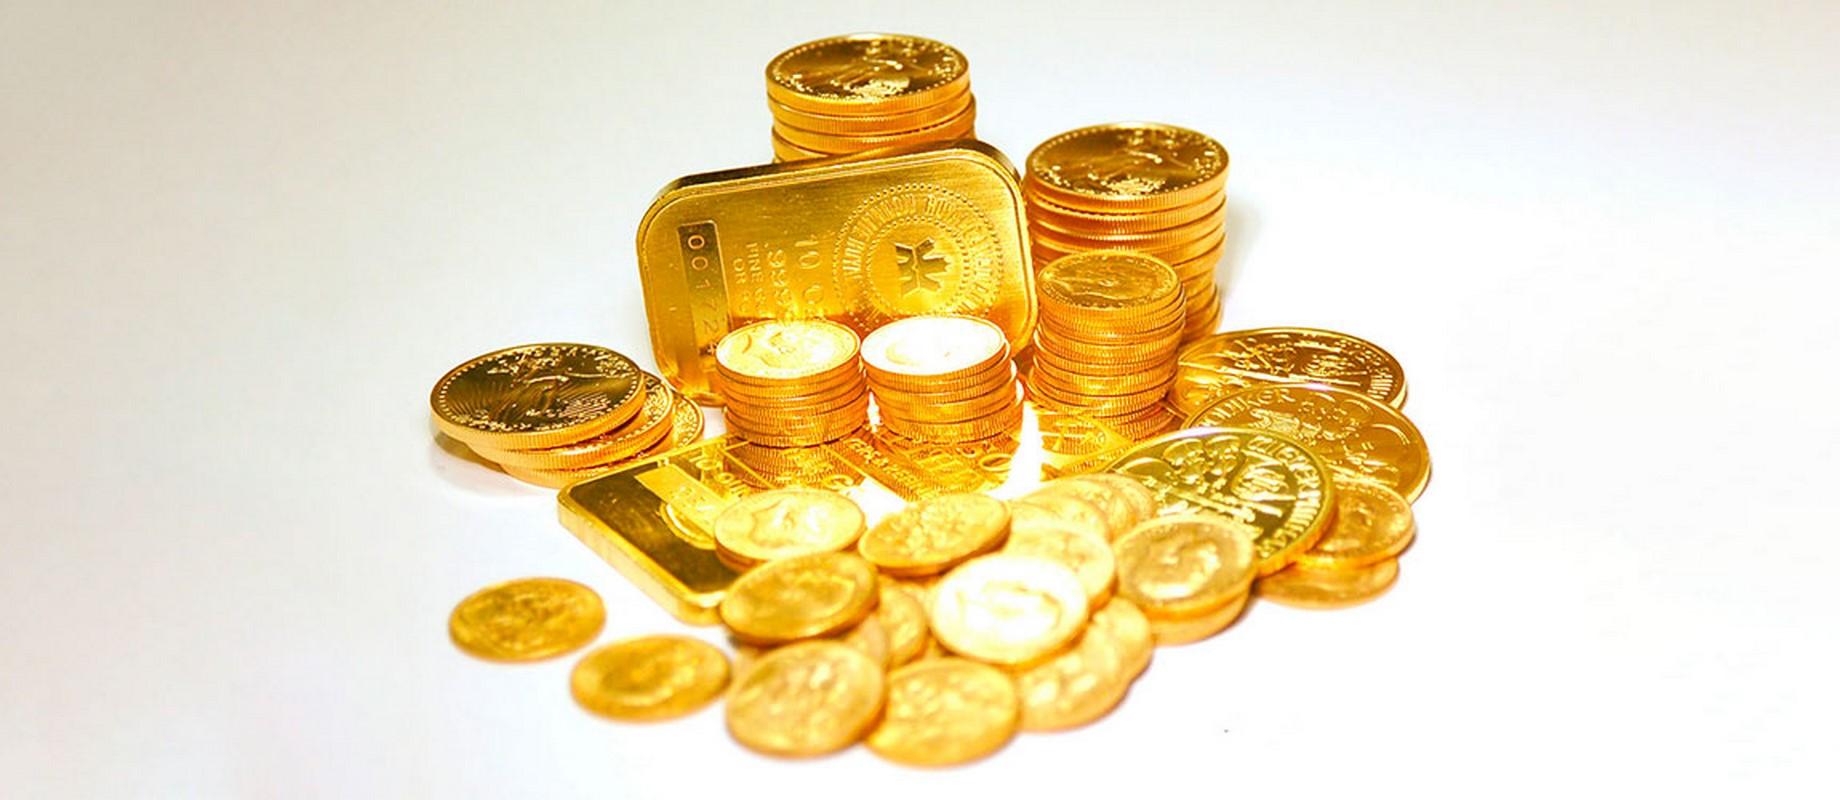 Dónde comprar oro Dracma Metales de Inversión